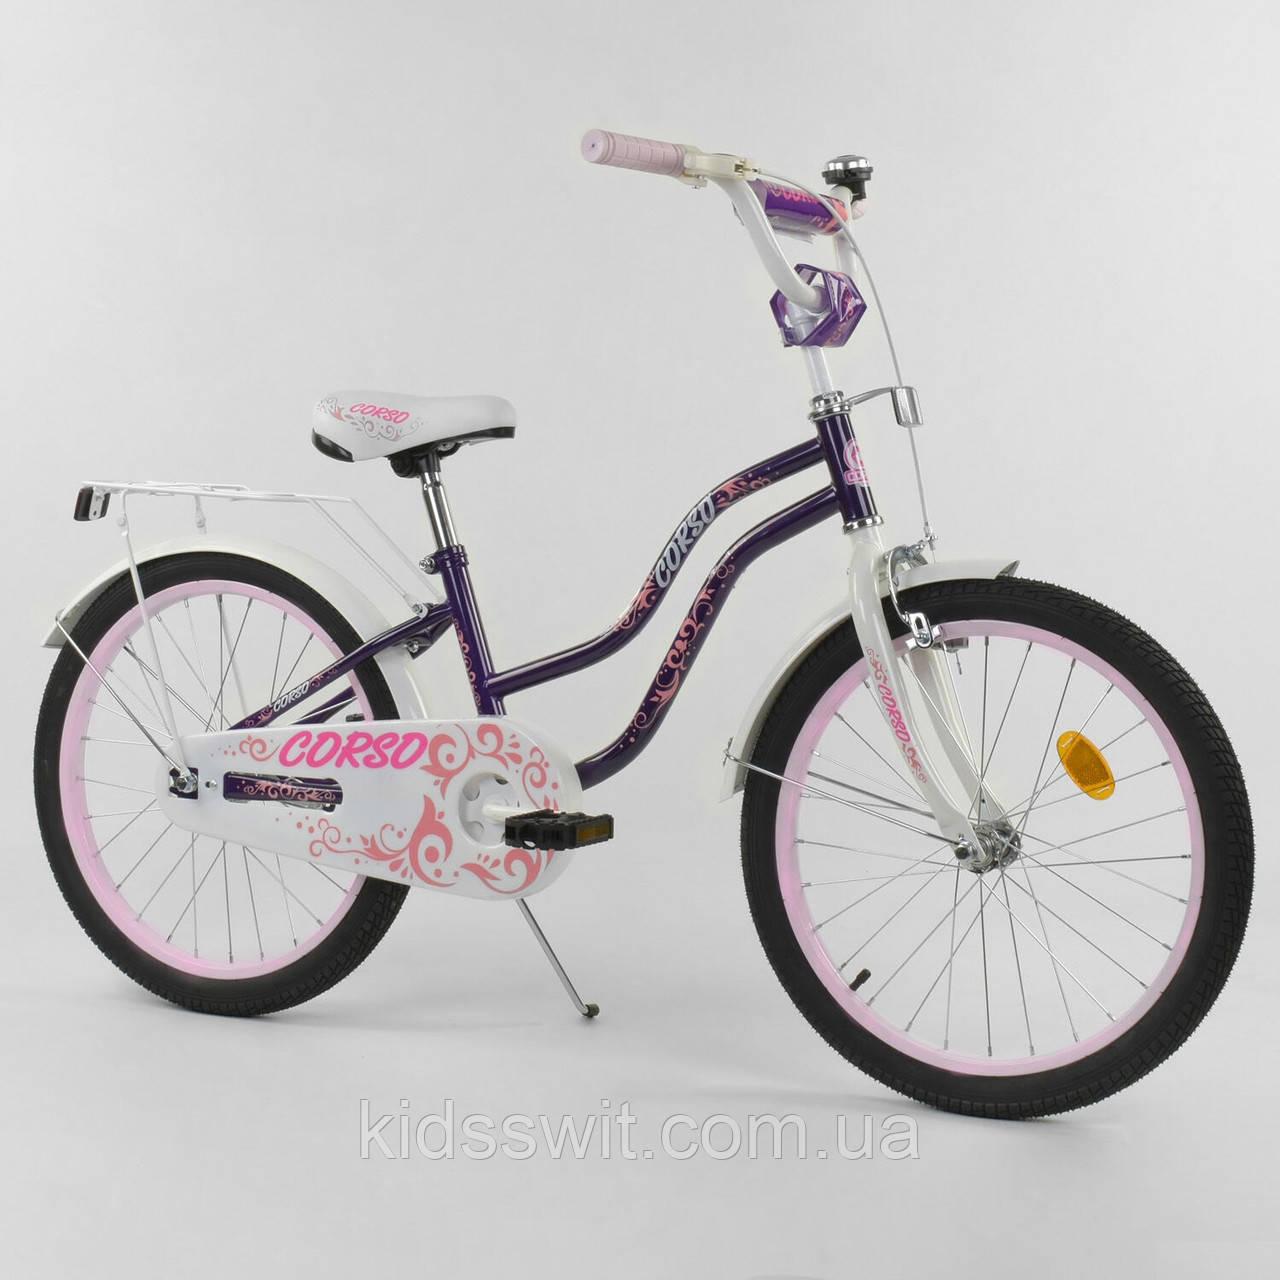 """Велосипед 20"""" дюймов 2-х колёсный """"CORSO"""" фиолетовый, ручной тормоз, звоночек, собранный на 75% Т-09310"""